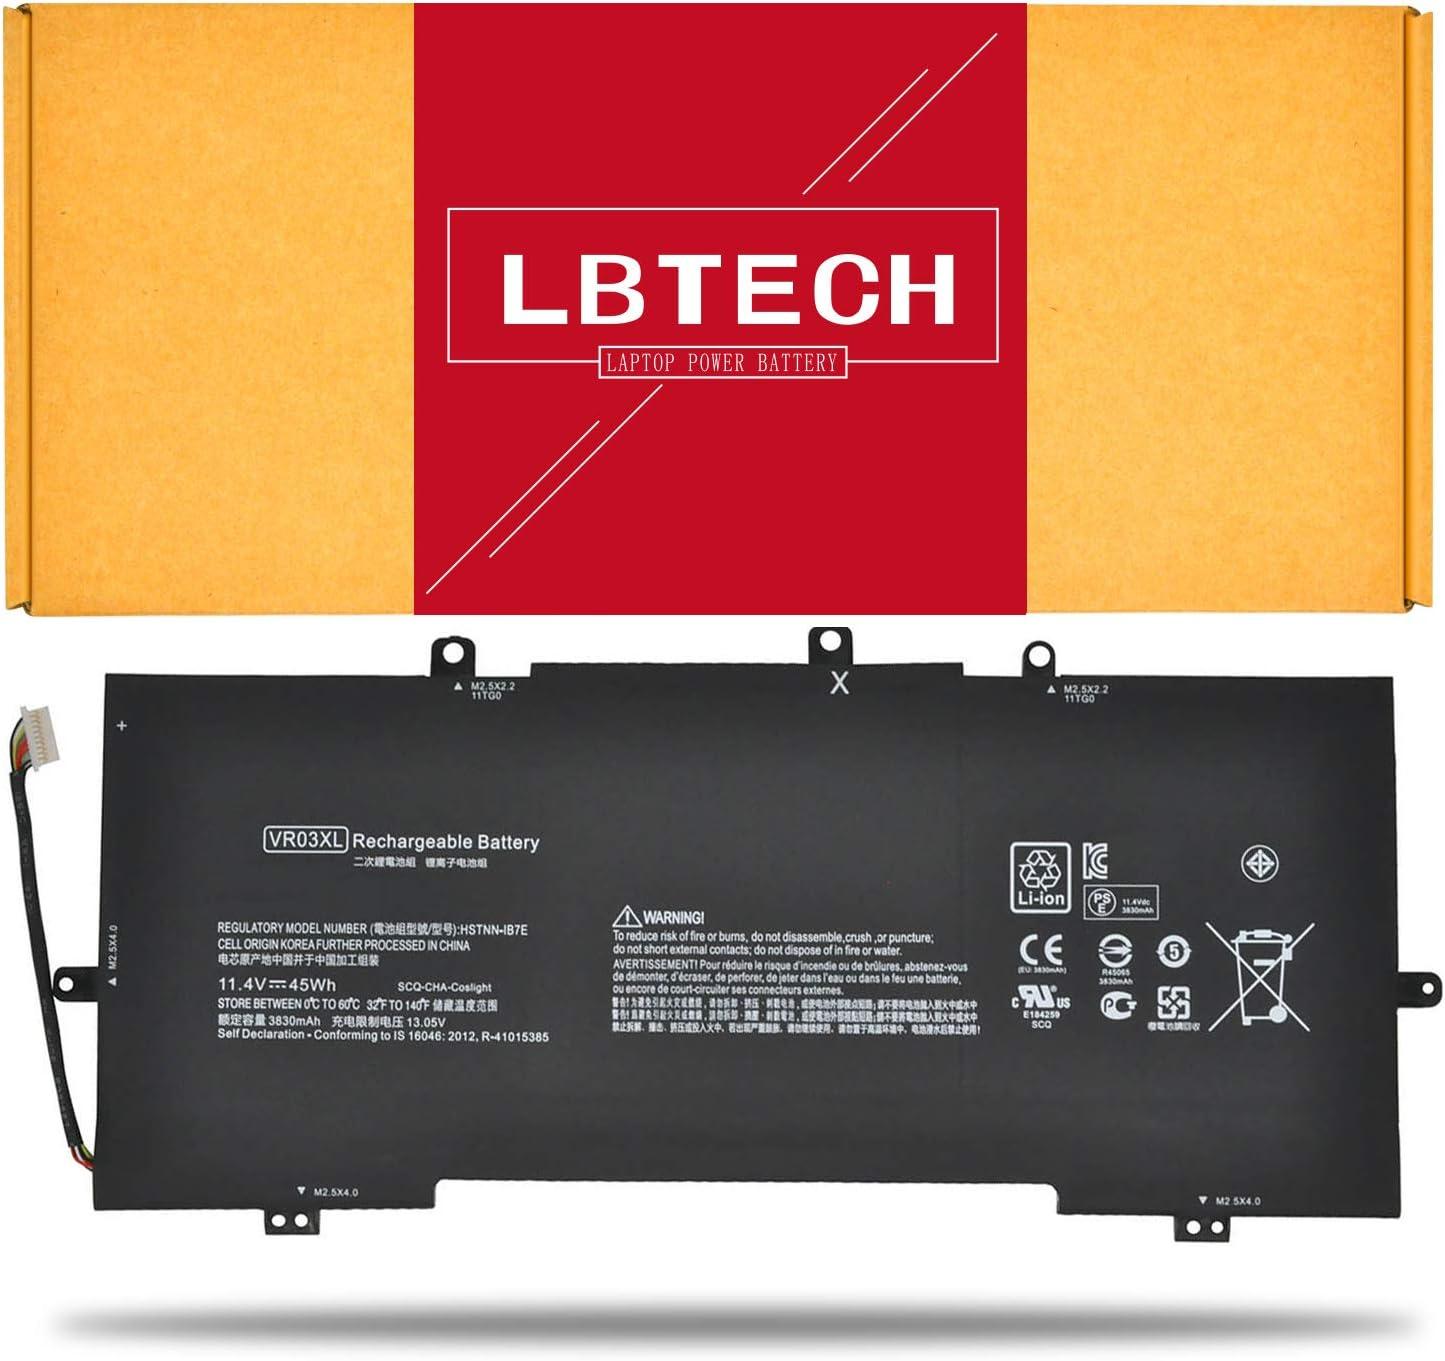 LBTECH VR03XL Compatible Laptop Battery Replacement for HP Envy 13-D000 13-D000NG 13-D002NG 13-D003NG 13-D004NG 13-D103TU 13-D110TU 13-D131TU 11.4V 45Wh